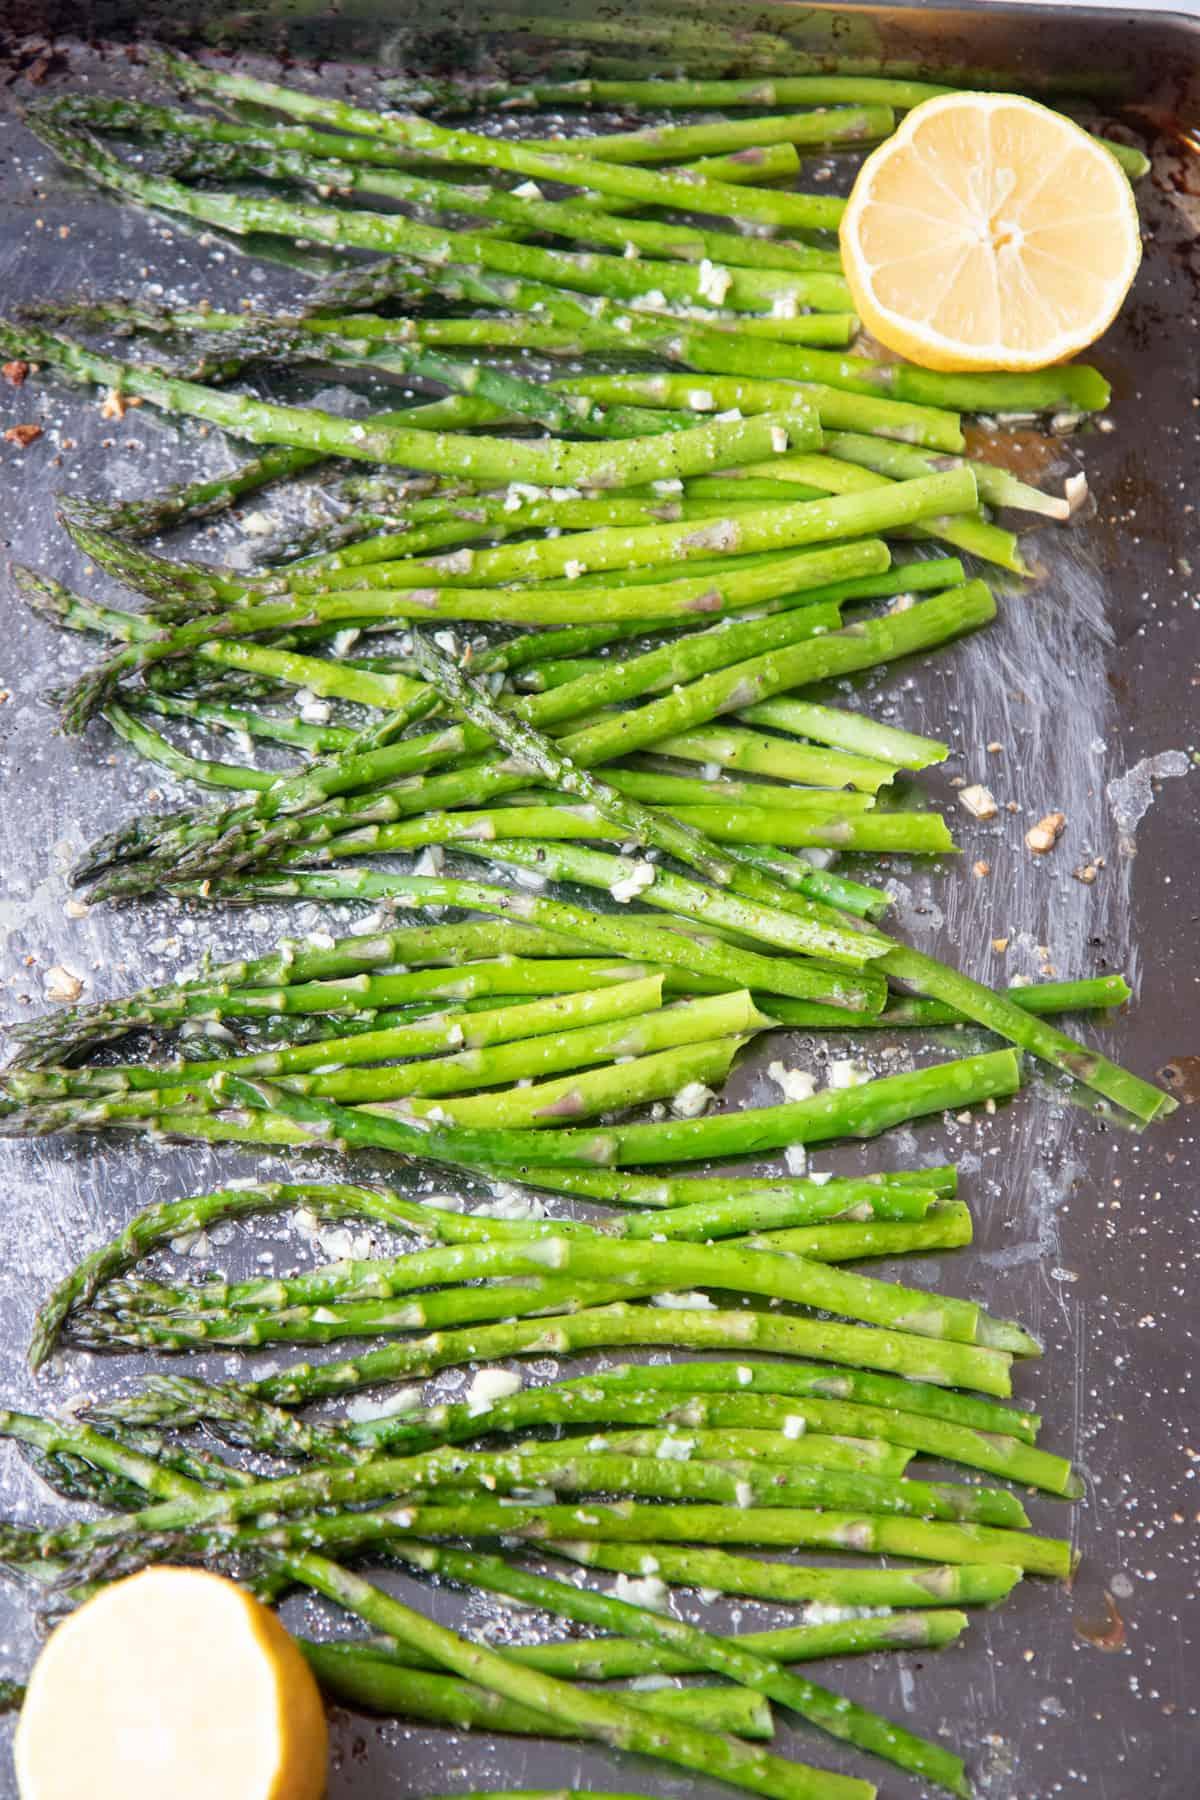 A sheet pan of asparagus, seasoned with garlic and lemon.